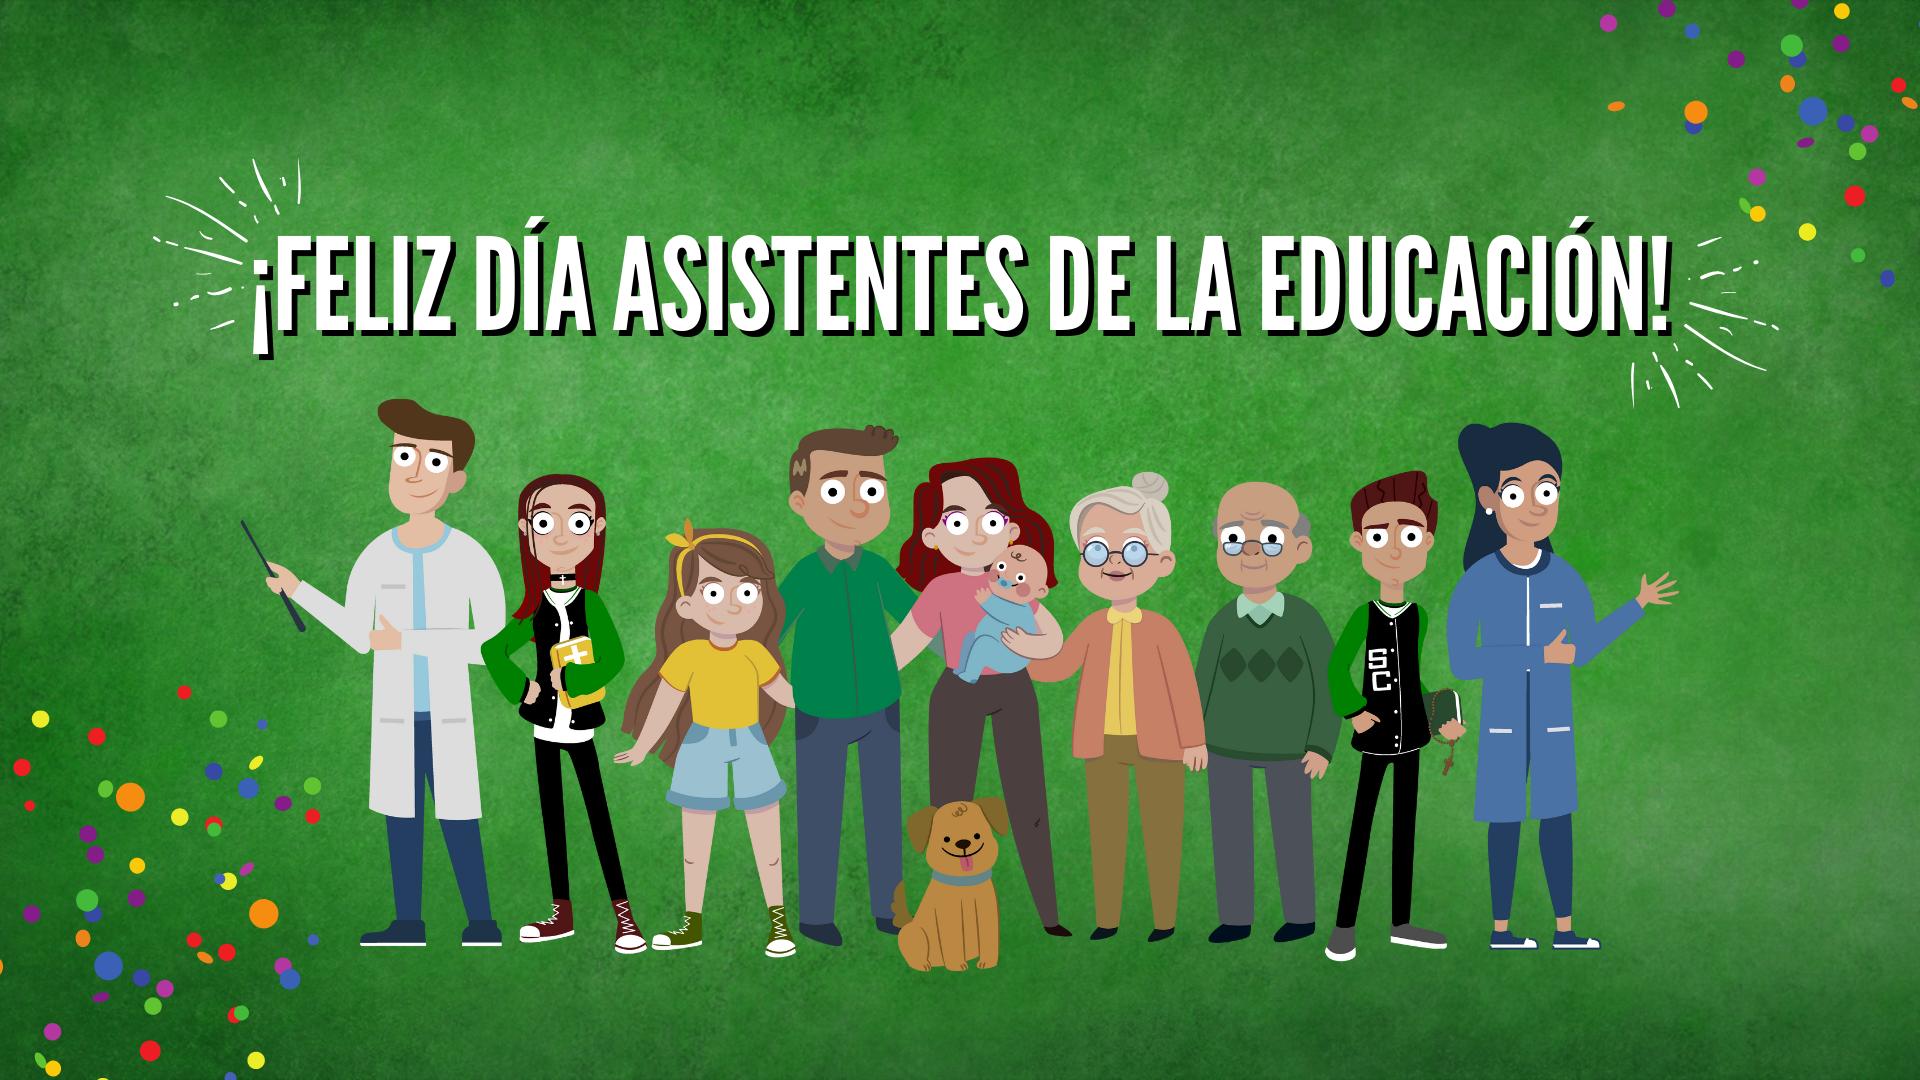 FELIZ DÍA ASISTENTES DE LA EDUCACIÓN